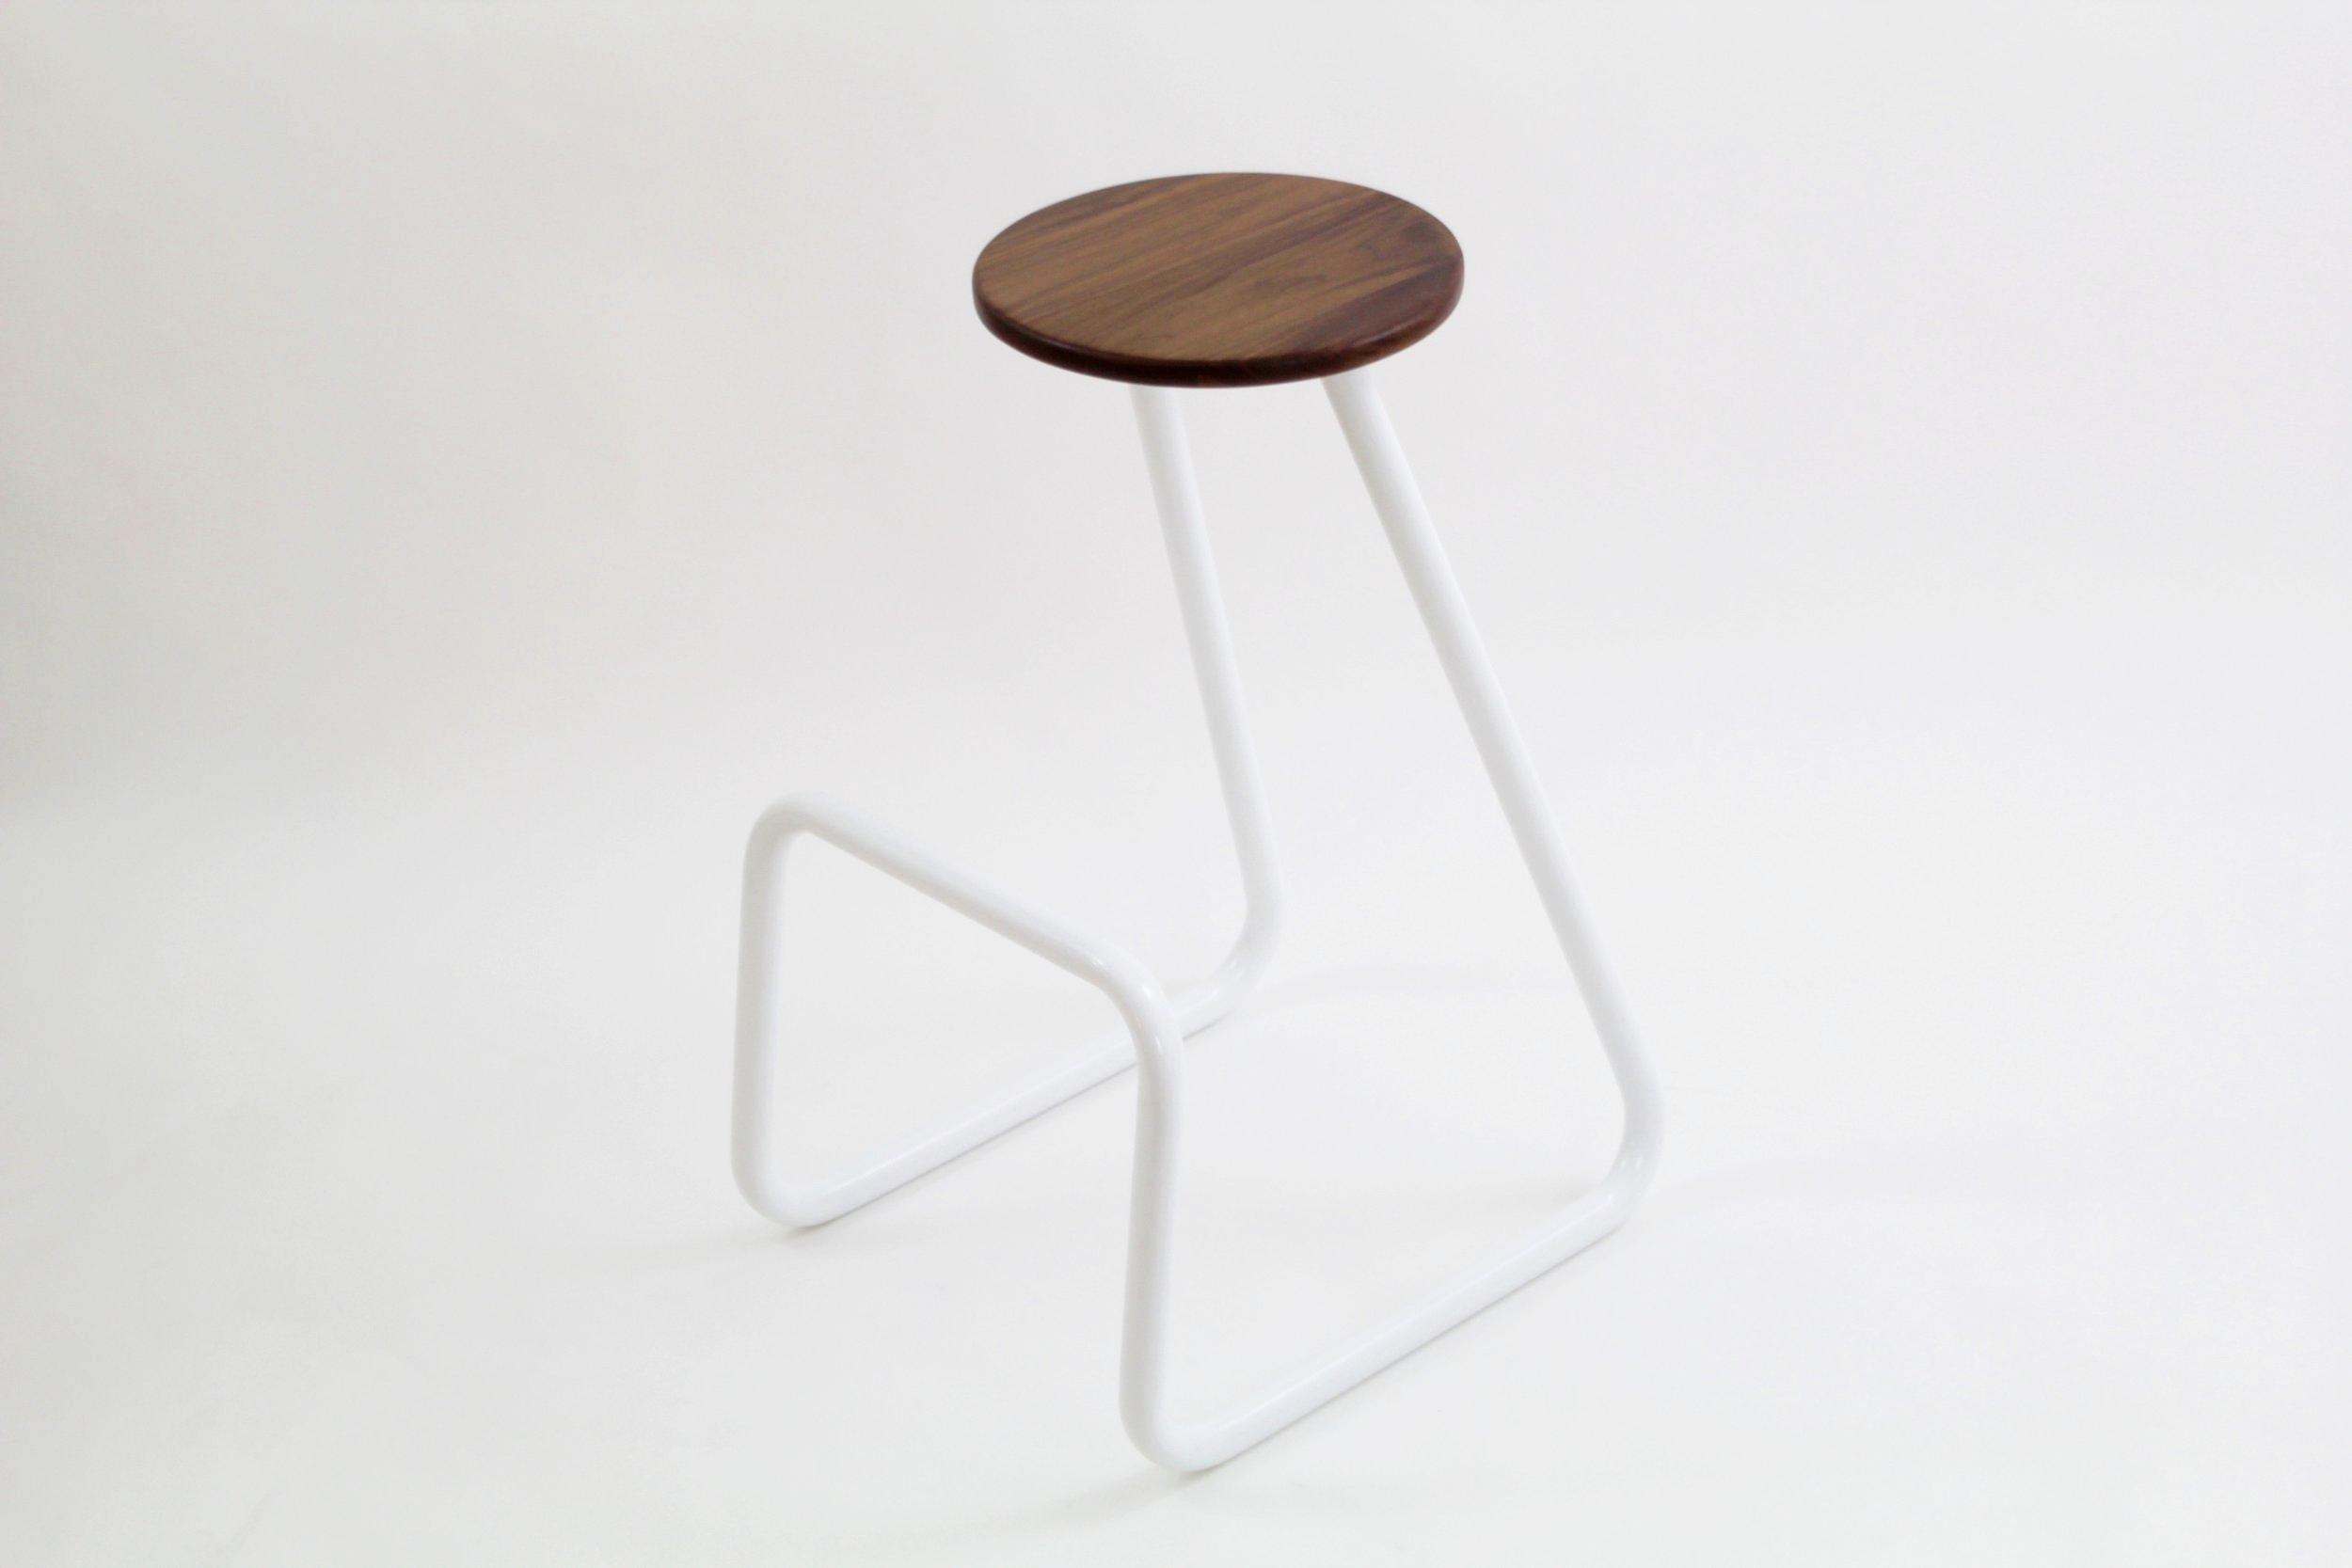 One loop stool